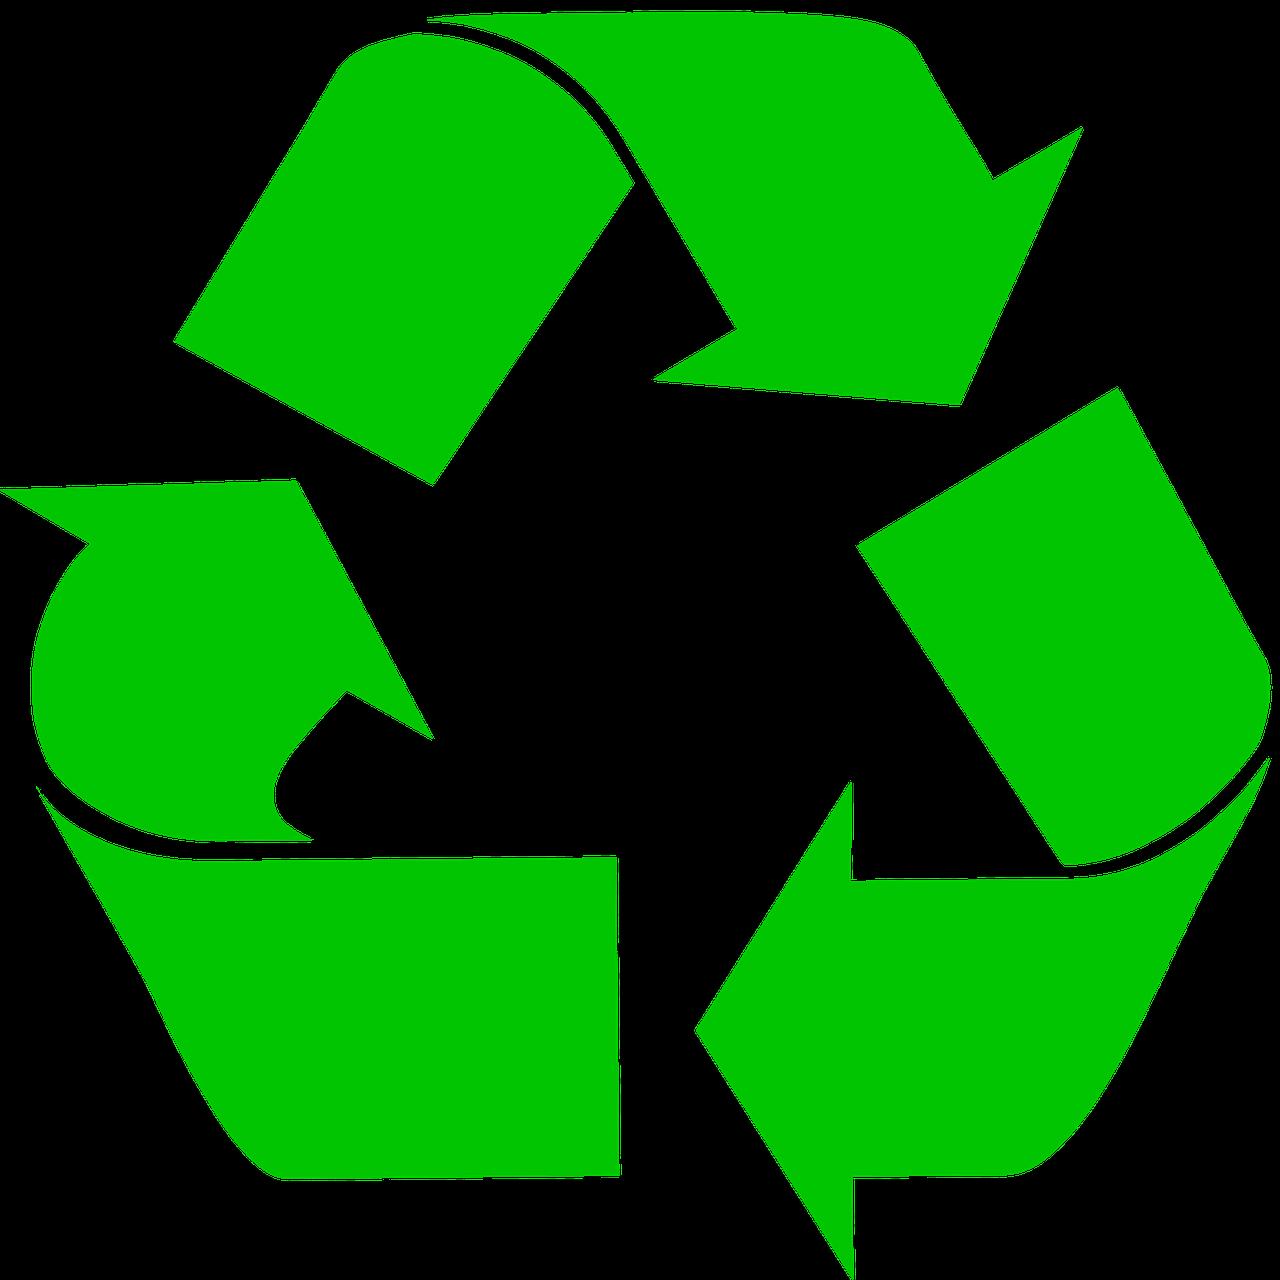 ホットプレートの捨て方を解説 処分で注意すべきポイントは?のサムネイル画像